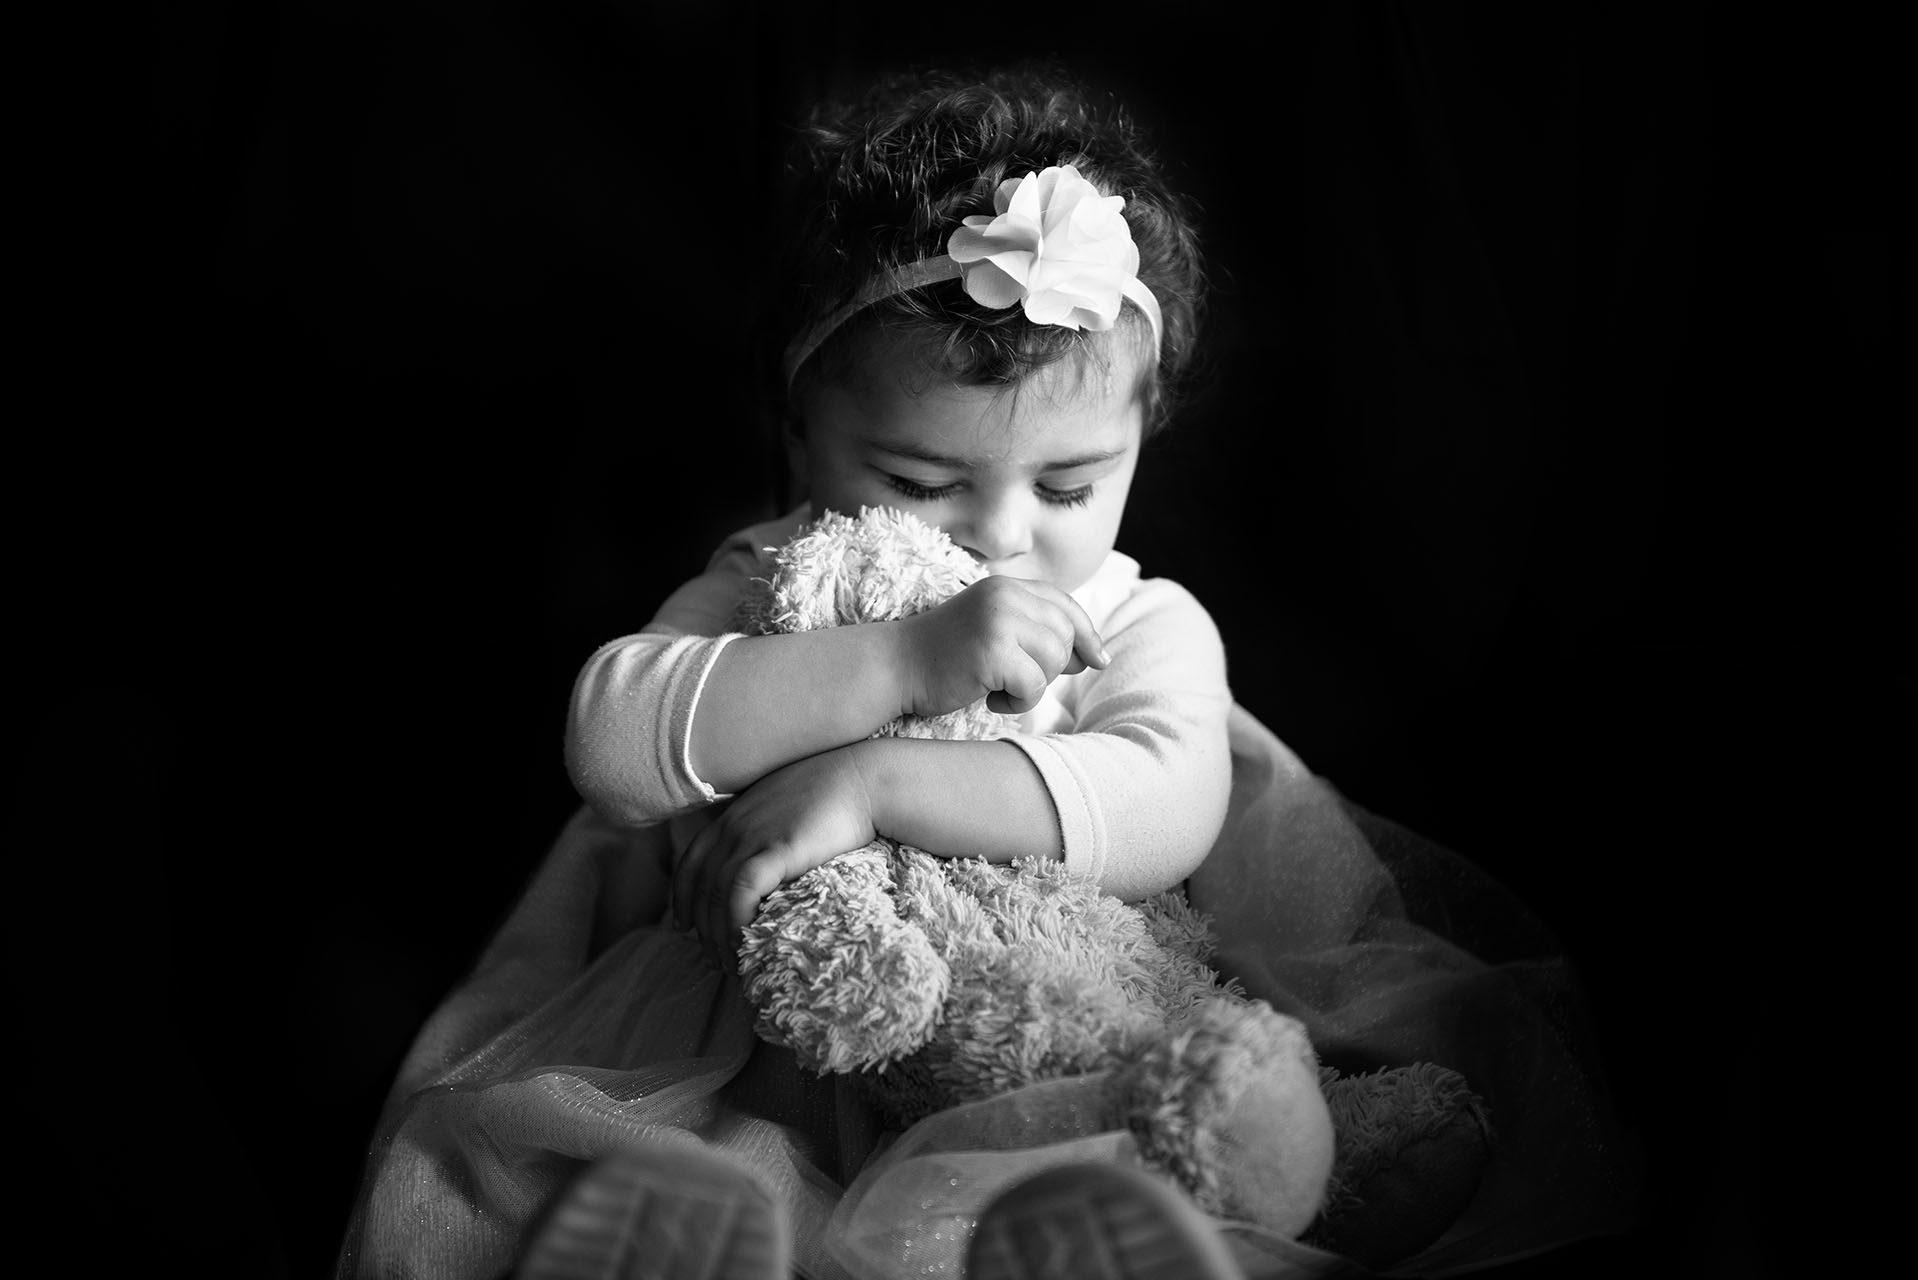 photographe-portraits-ile-de-france-projet-centenaires-et-des-roses-l-hay-les-roses-val-de-marne